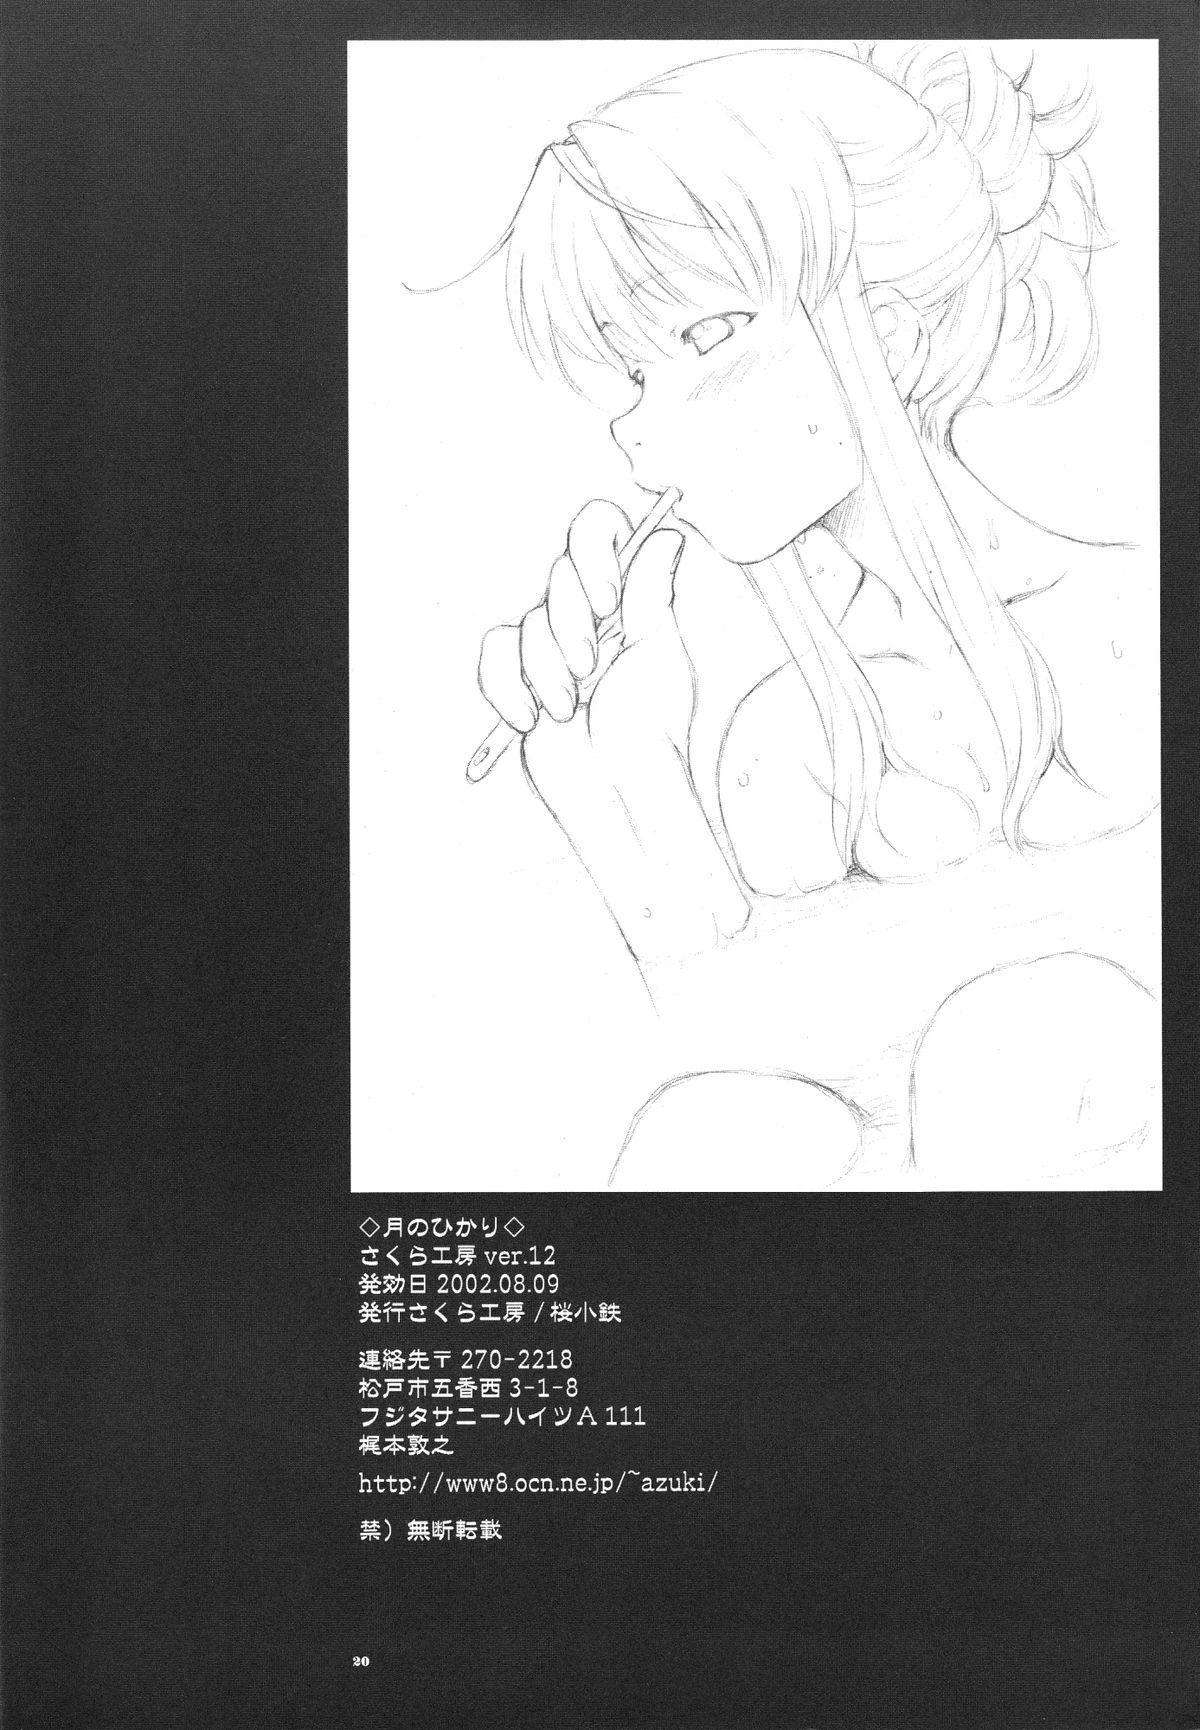 Tsuki no hikari 20